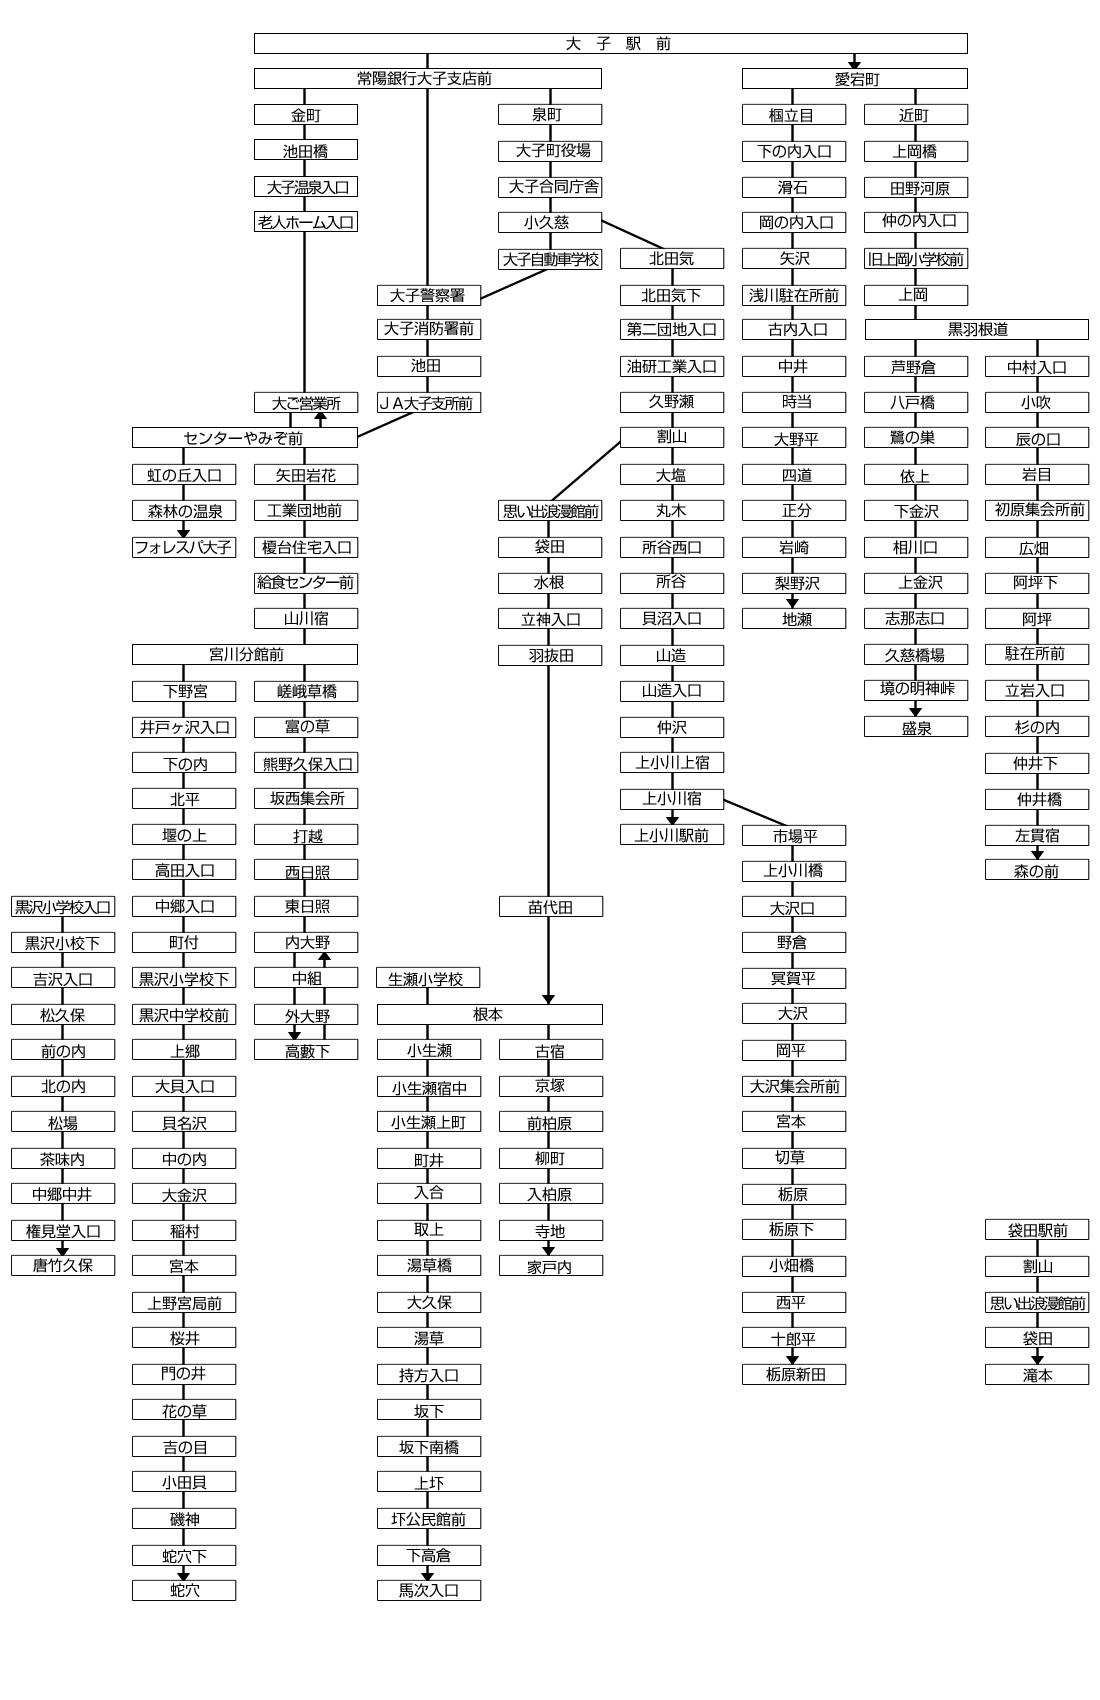 『茨城交通路線バス系統略図』の画像